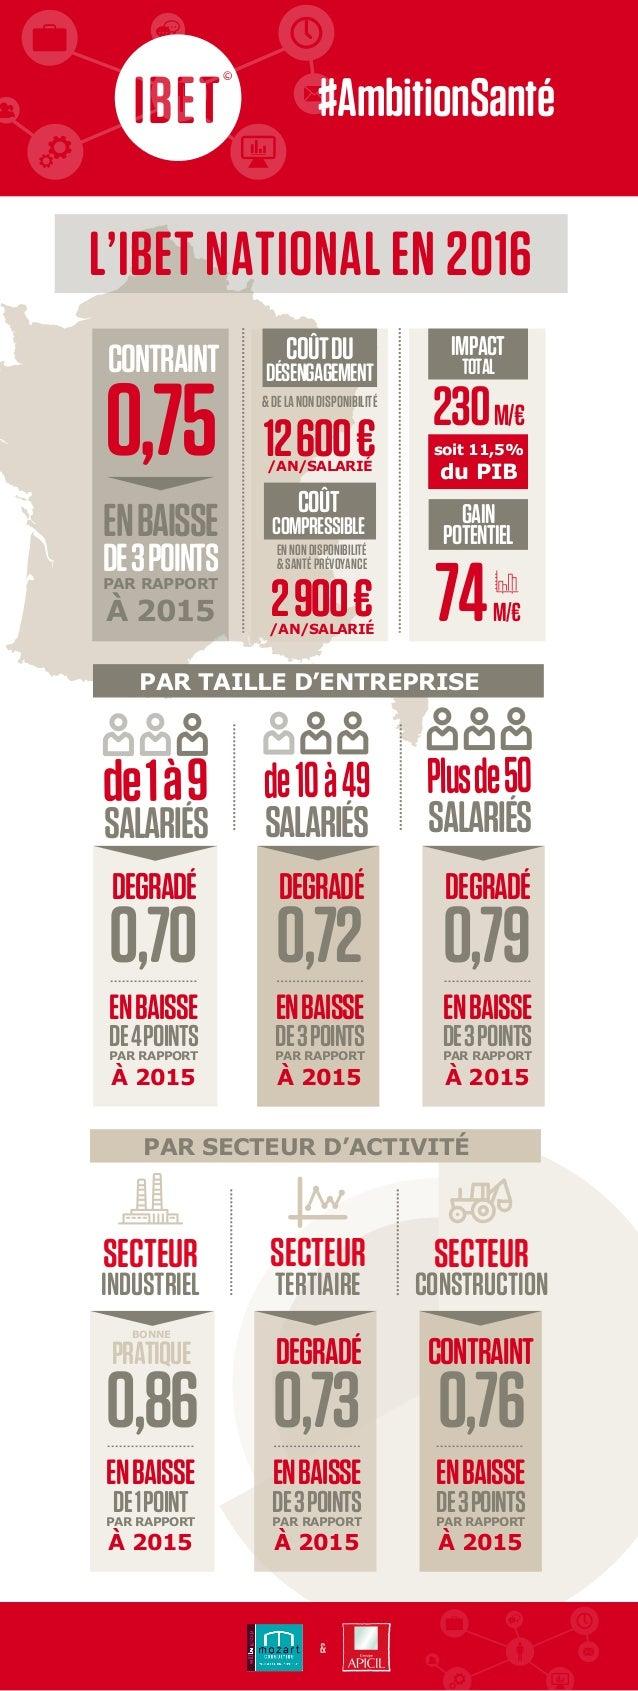 & L'IBET NATIONAL EN 2016 SALARIÉS de1à9 Plusde50 SALARIÉSSALARIÉS de10à49 0,70 DEGRADÉ ENBAISSE PAR RAPPORT À 2015 DE4POI...